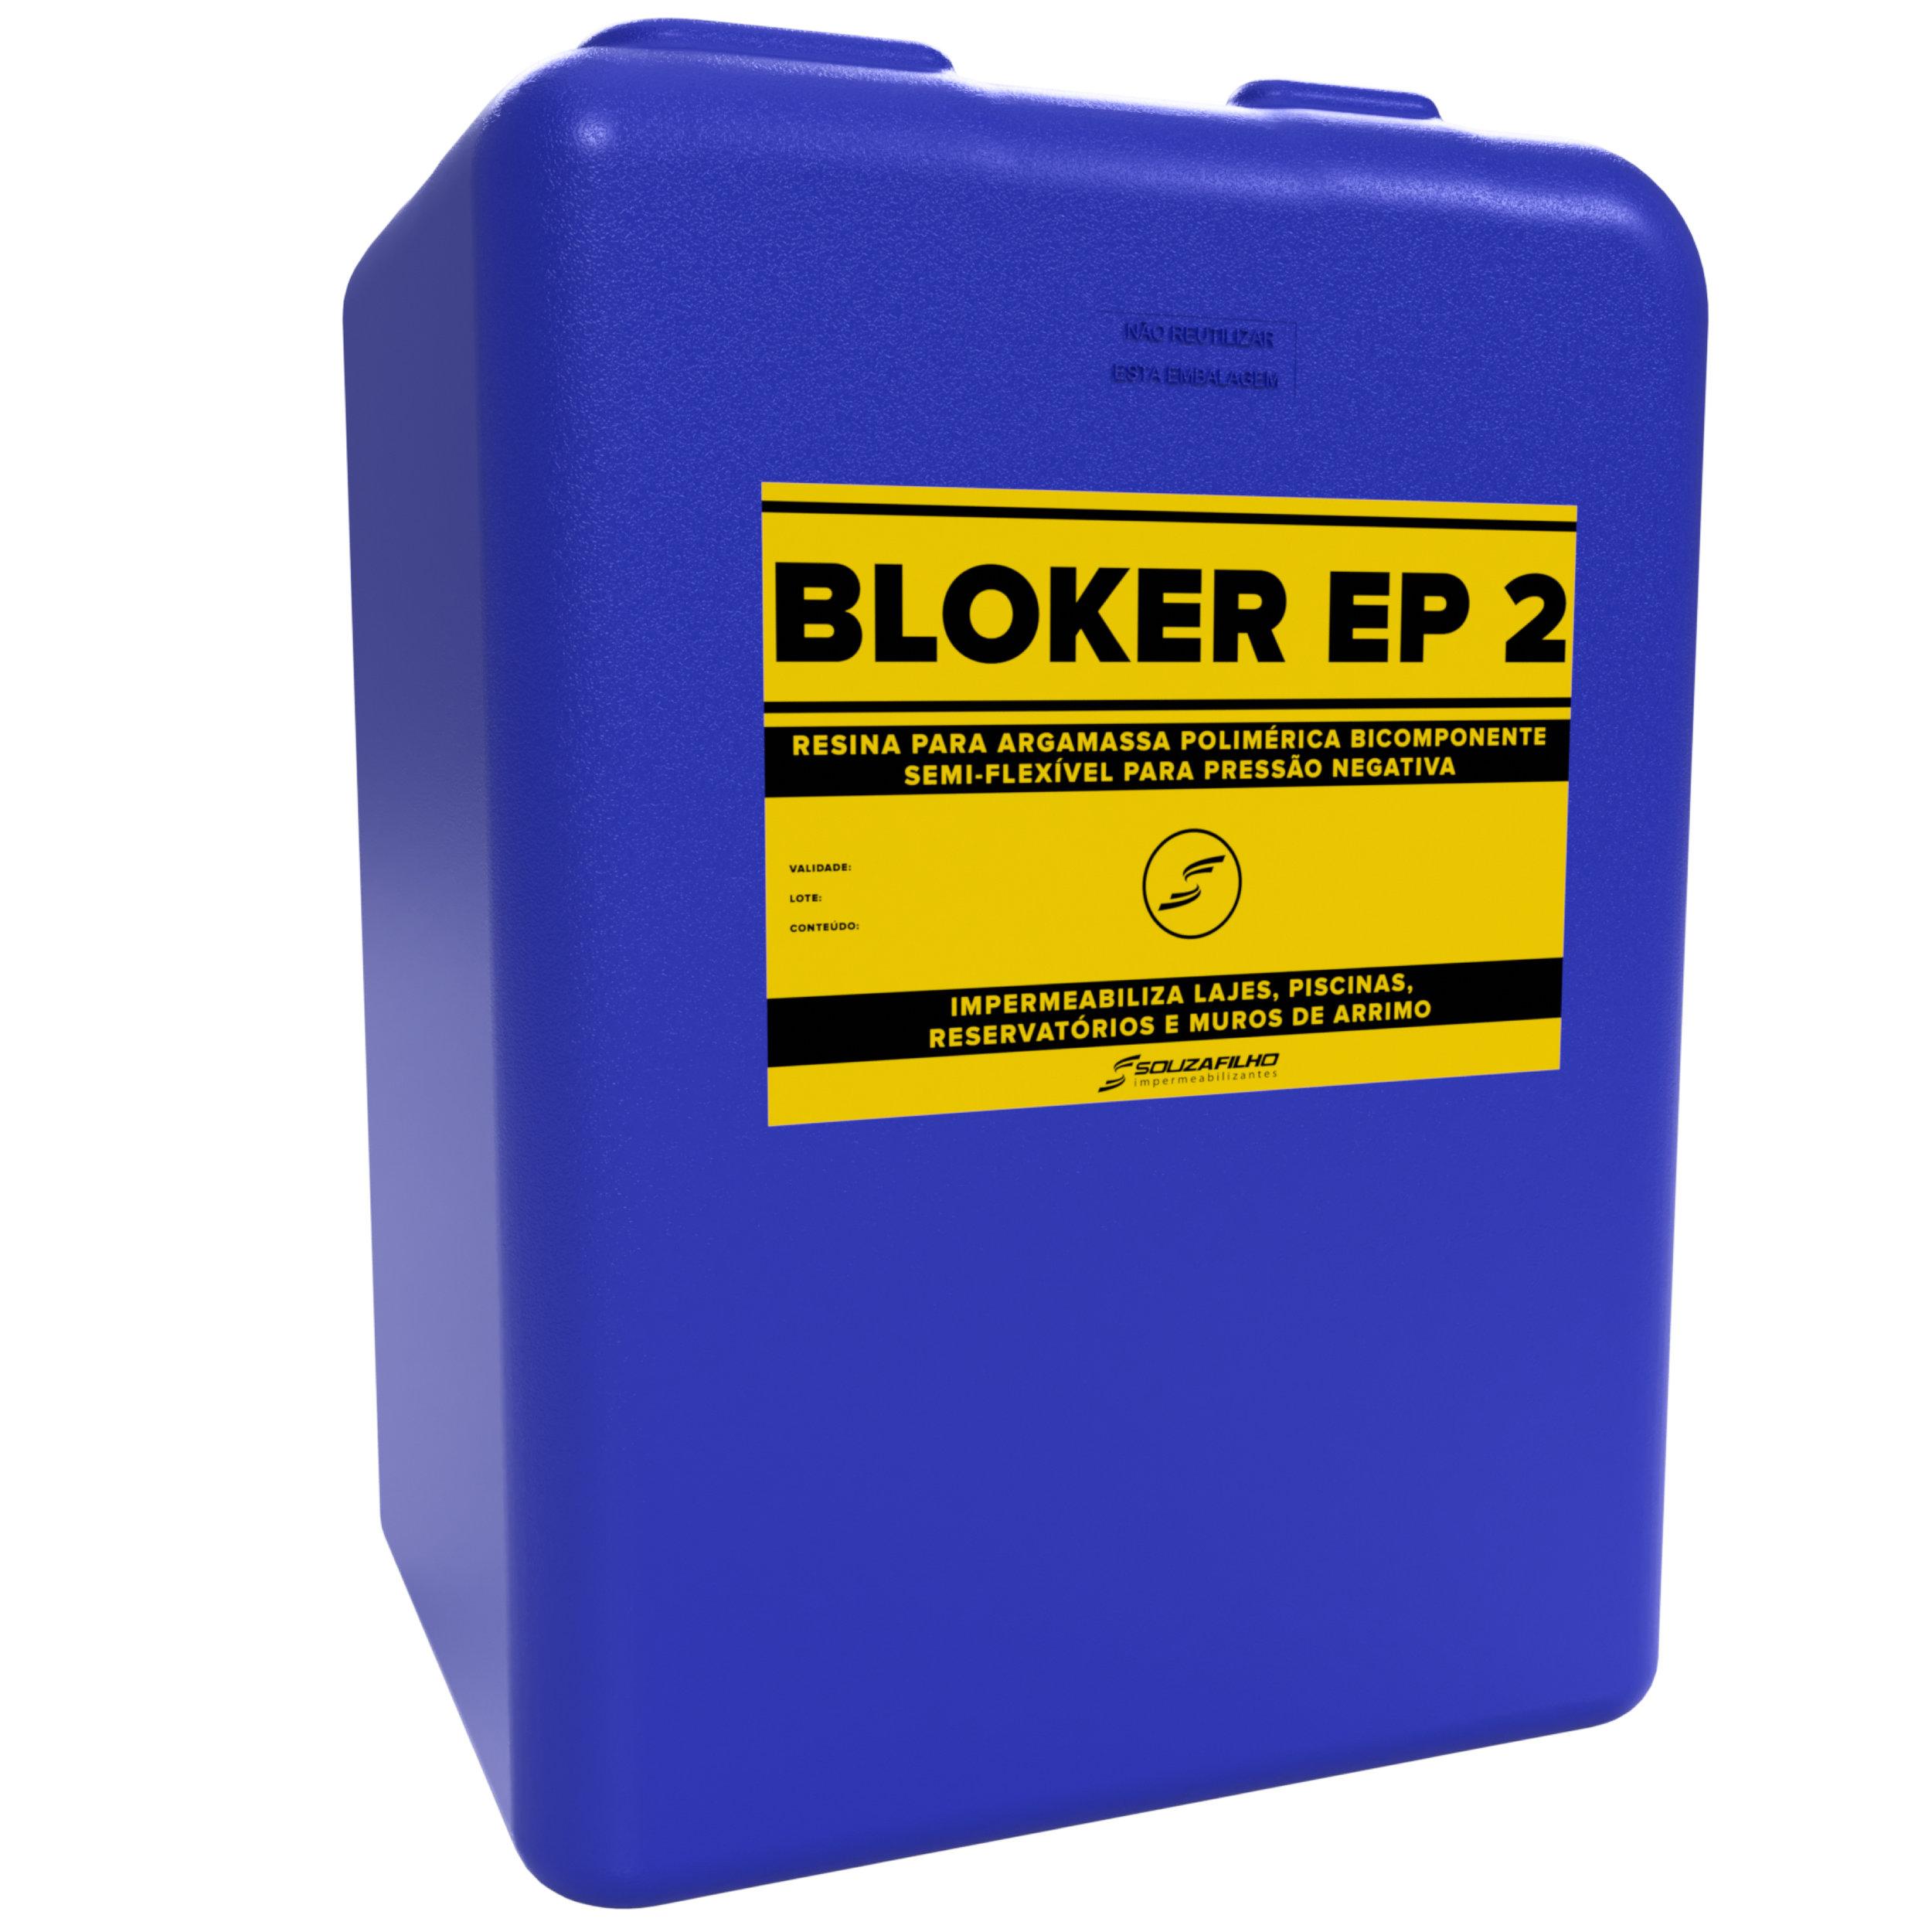 BLOKER EP 2 - Resina para argamassa polimérica impermeabilizante SEMI-FLEXÍVEL de pressão negativa.   Embalagem: 20 Litros   Ideal para: Parede e superfície sujeita a pressão negativa.   Rendimento:  1 Litro/m²